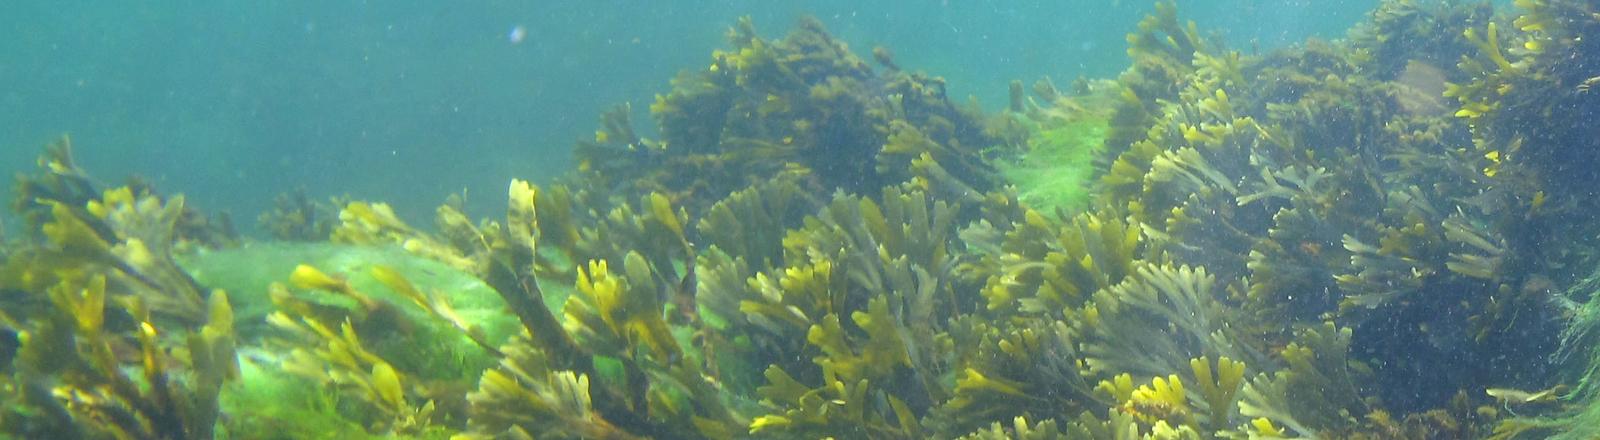 Unterwasseraufnahme von Pflanzen in der Ostsee unweit des Fischerortes Helligpeder auf der dänischen Insel Bornholm, aufgenommen am 11.08.2009.